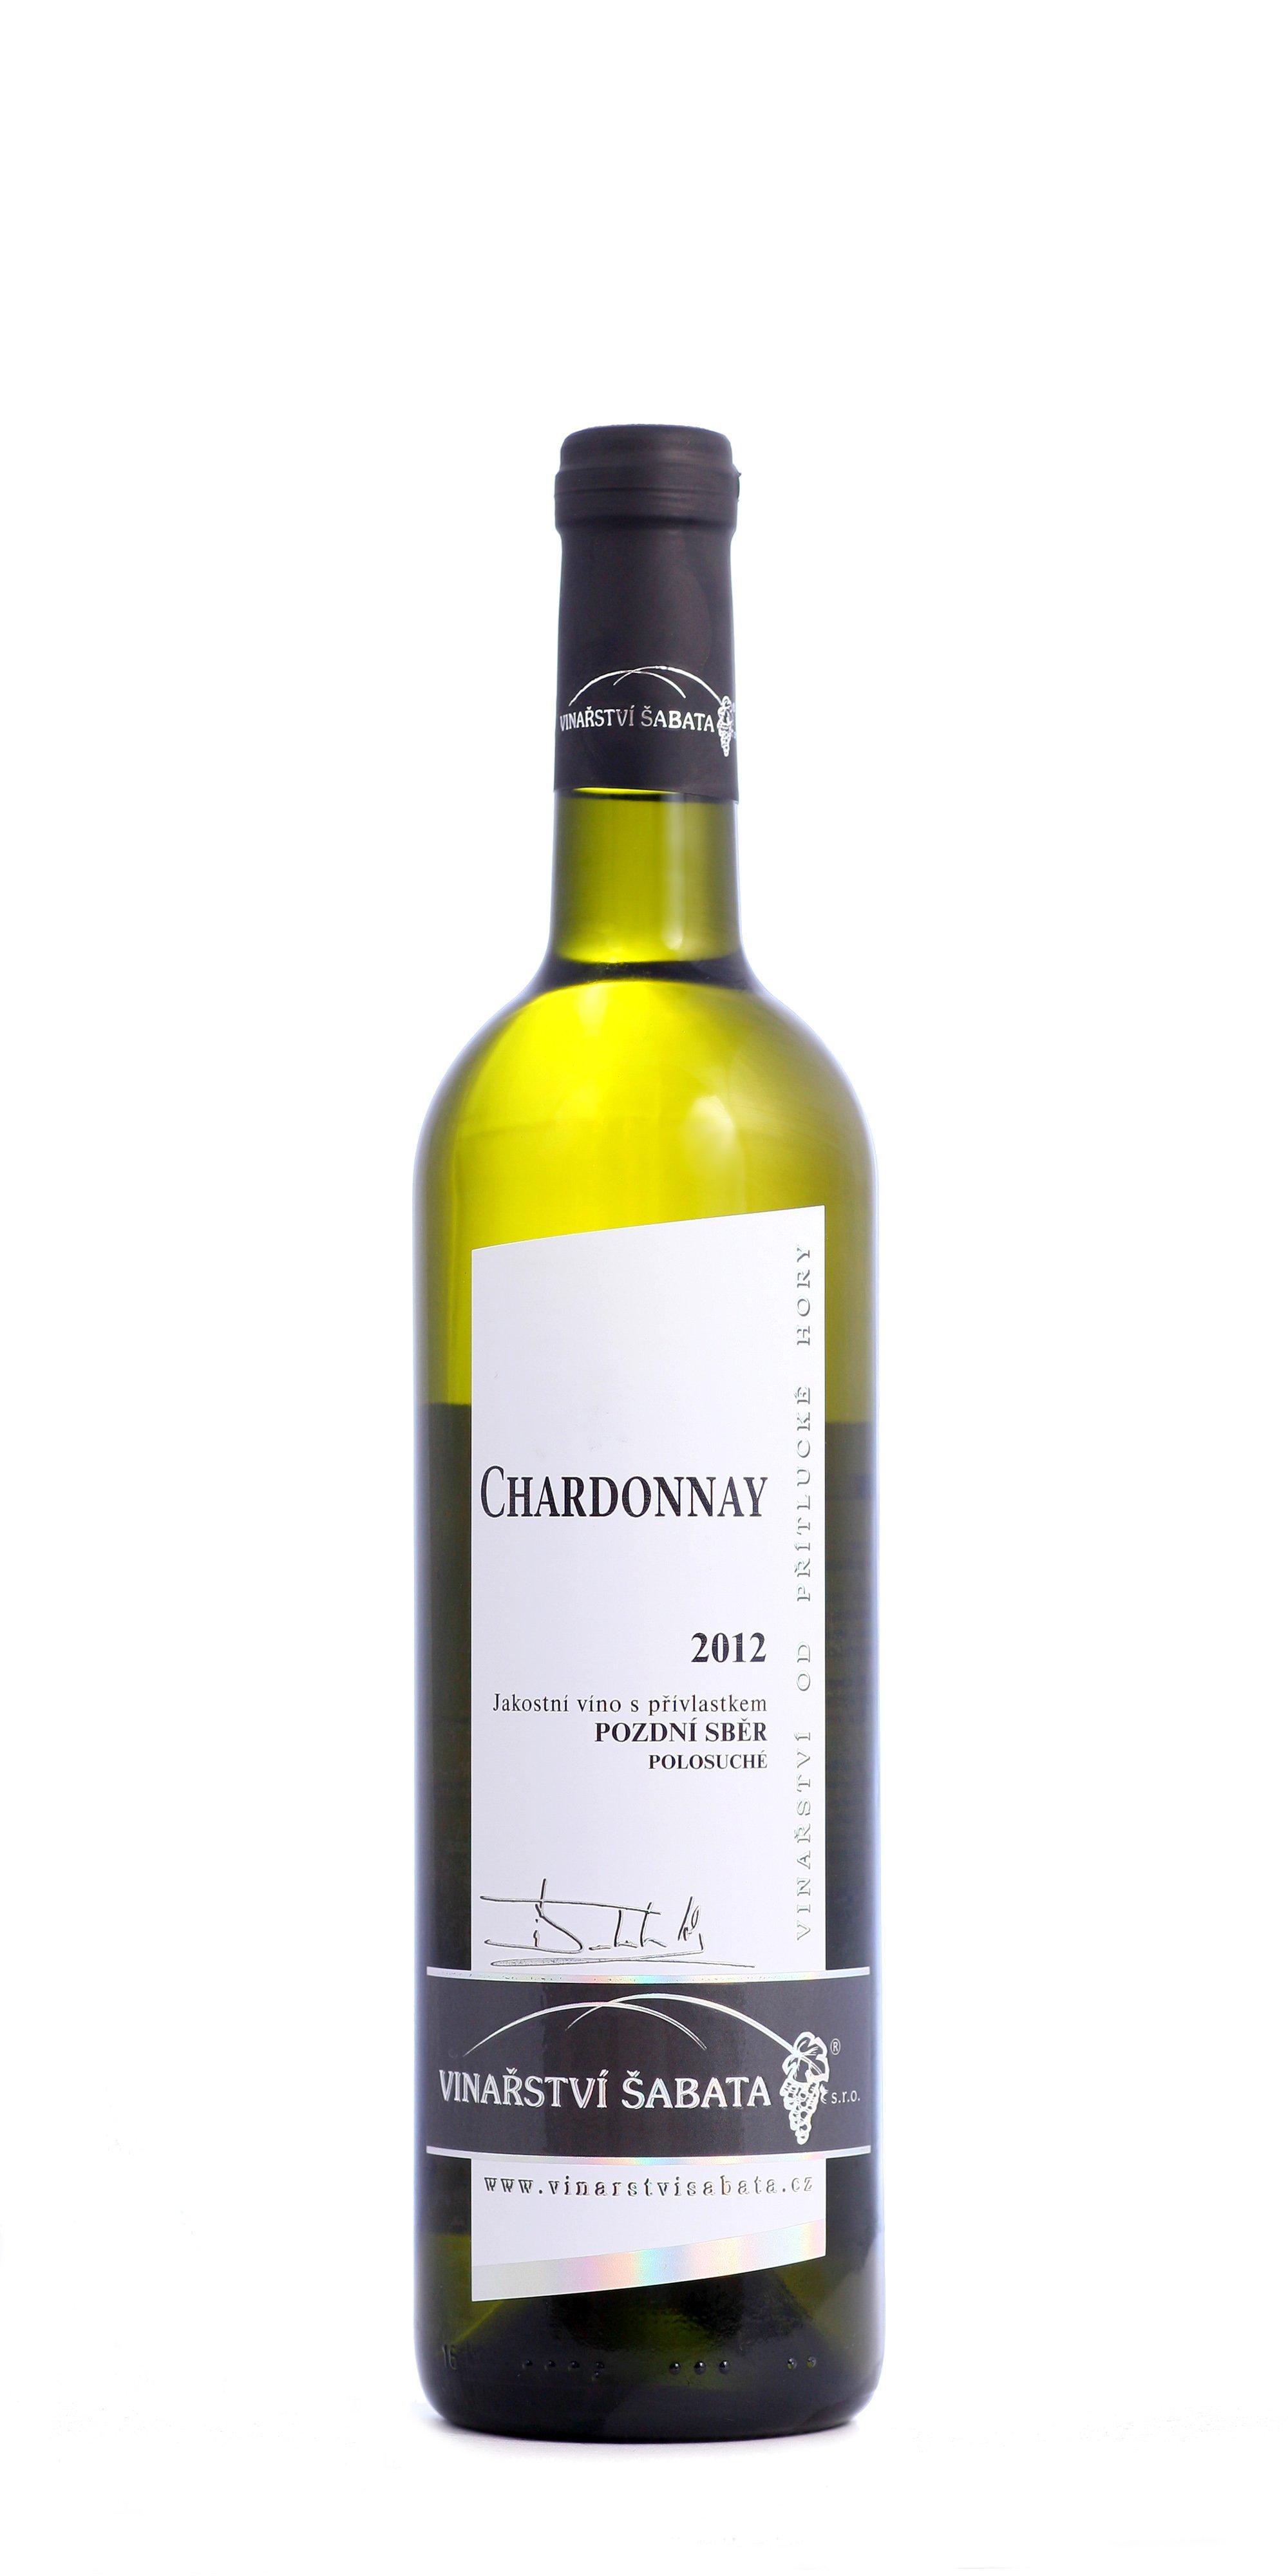 Vinařství Šabata - Chardonnay - Pozdní sběr 2012 - 0,75l